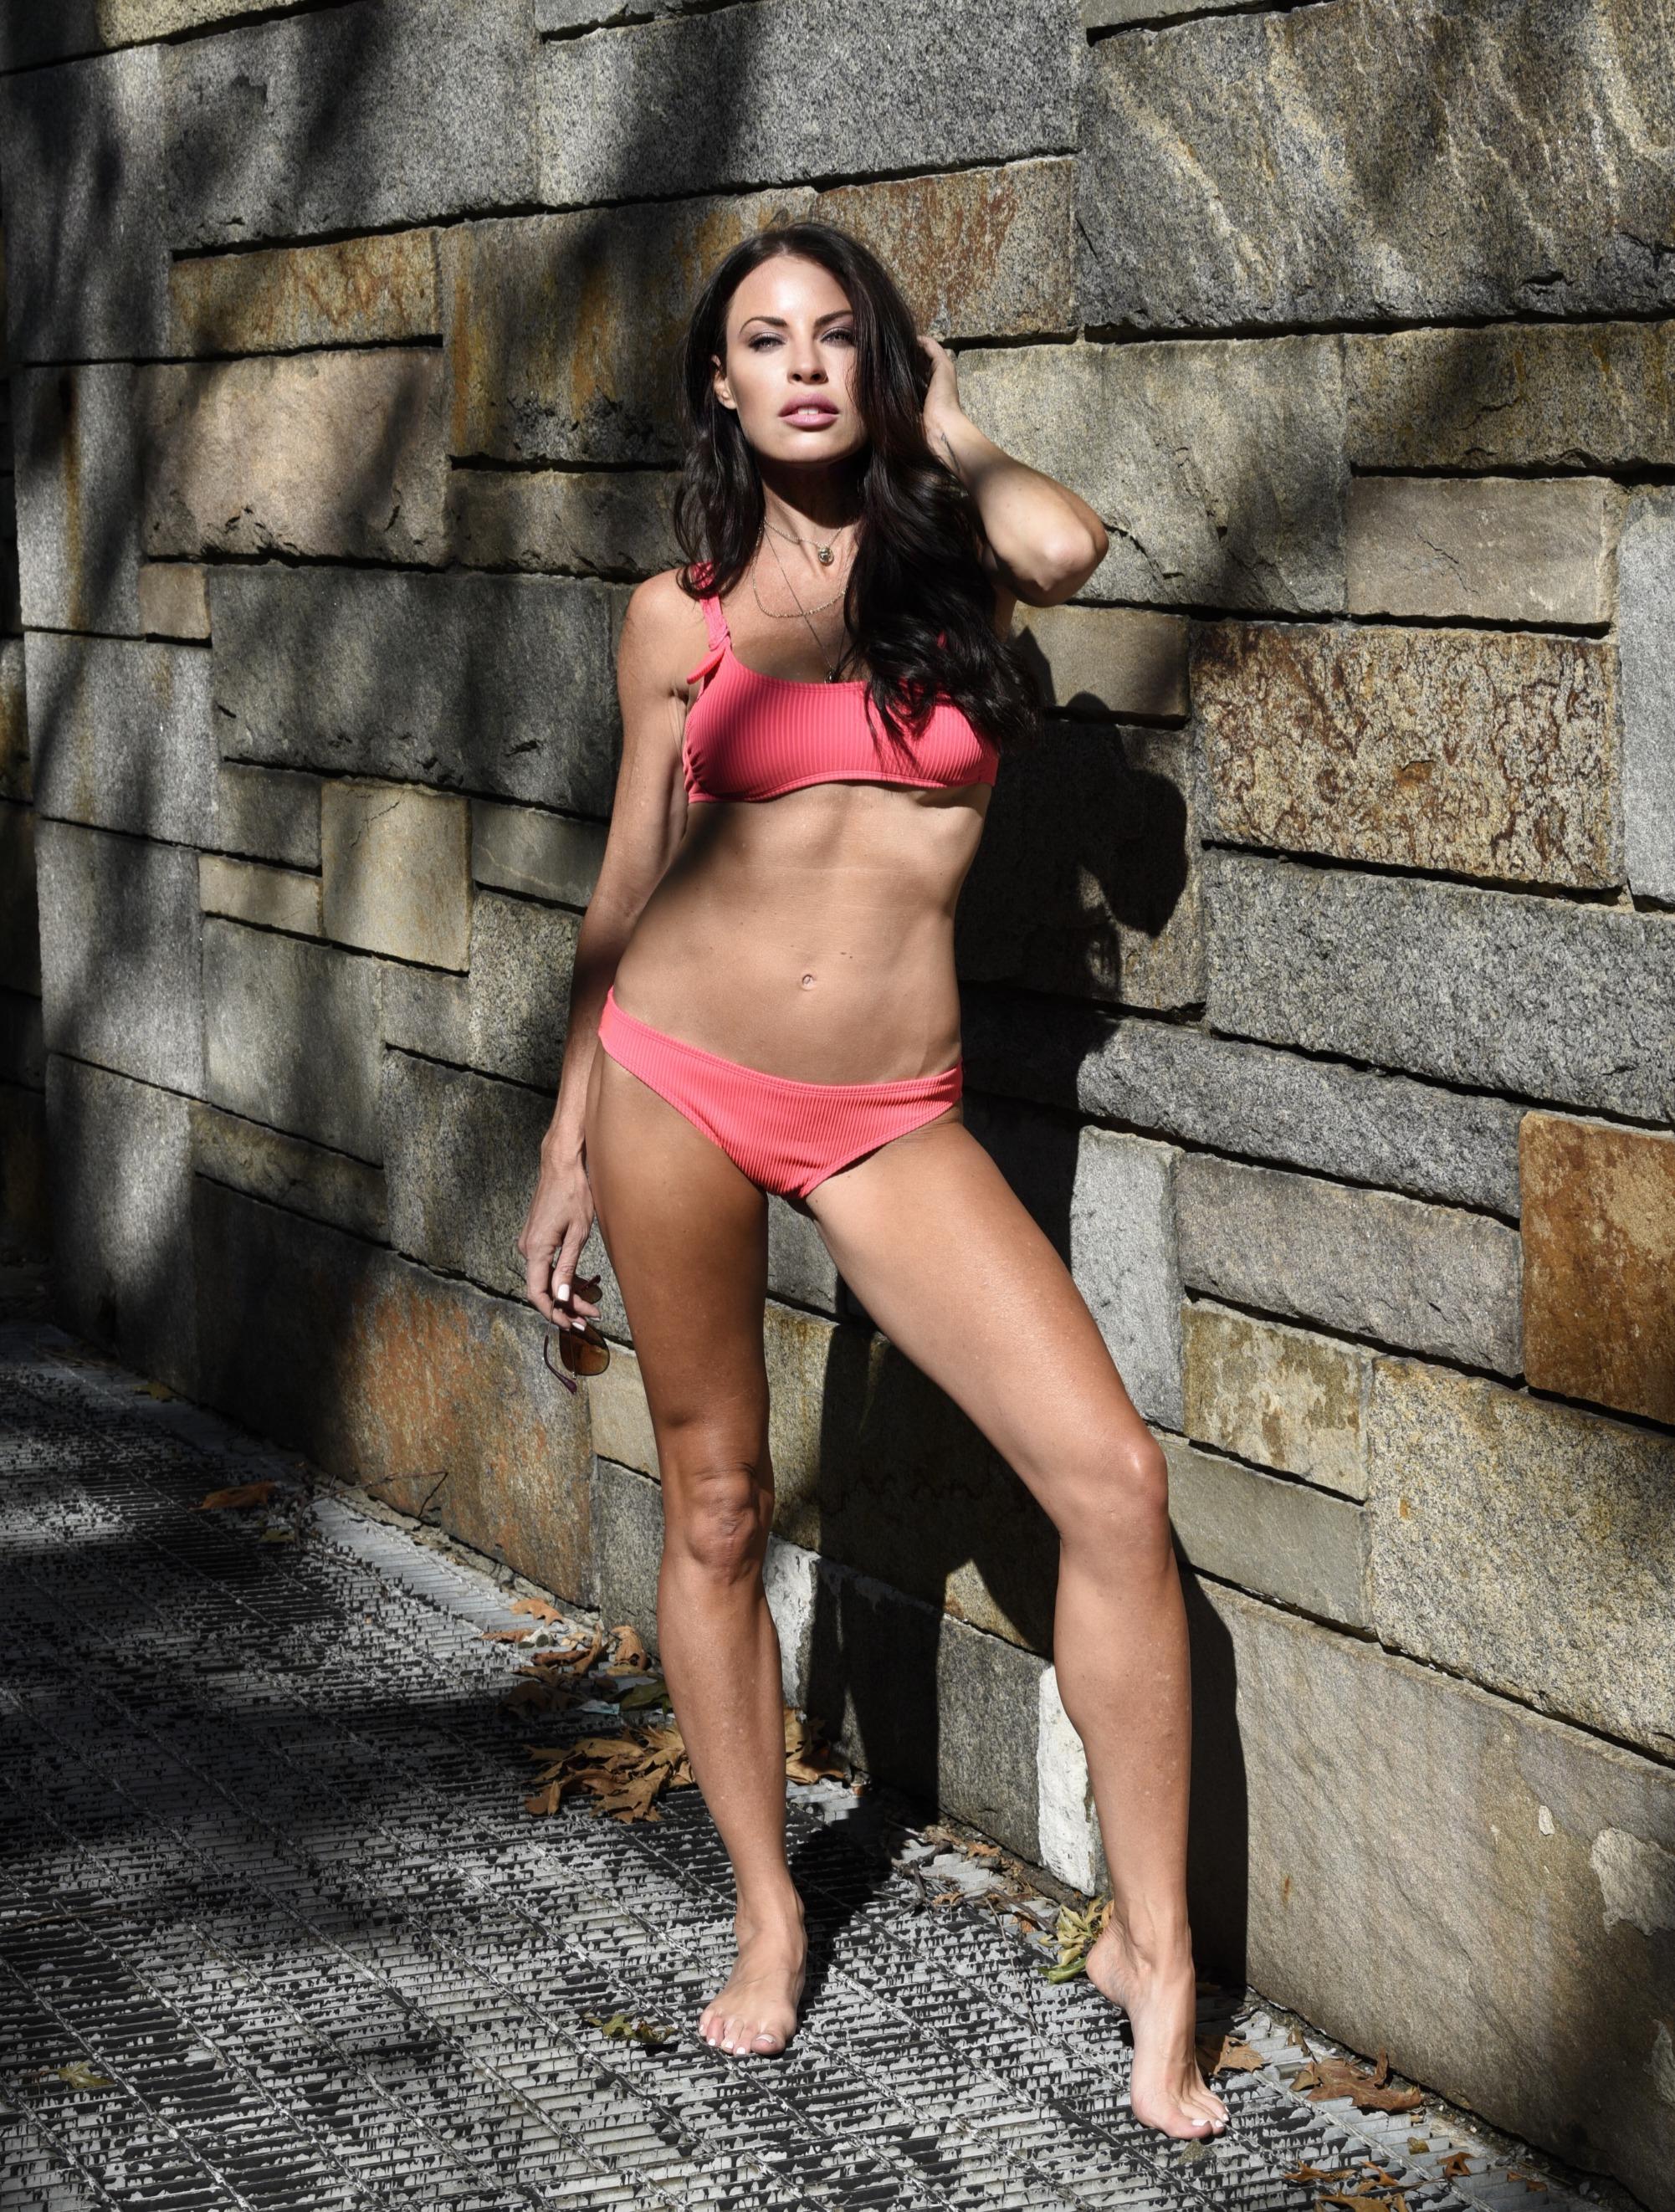 Alison McDaniel